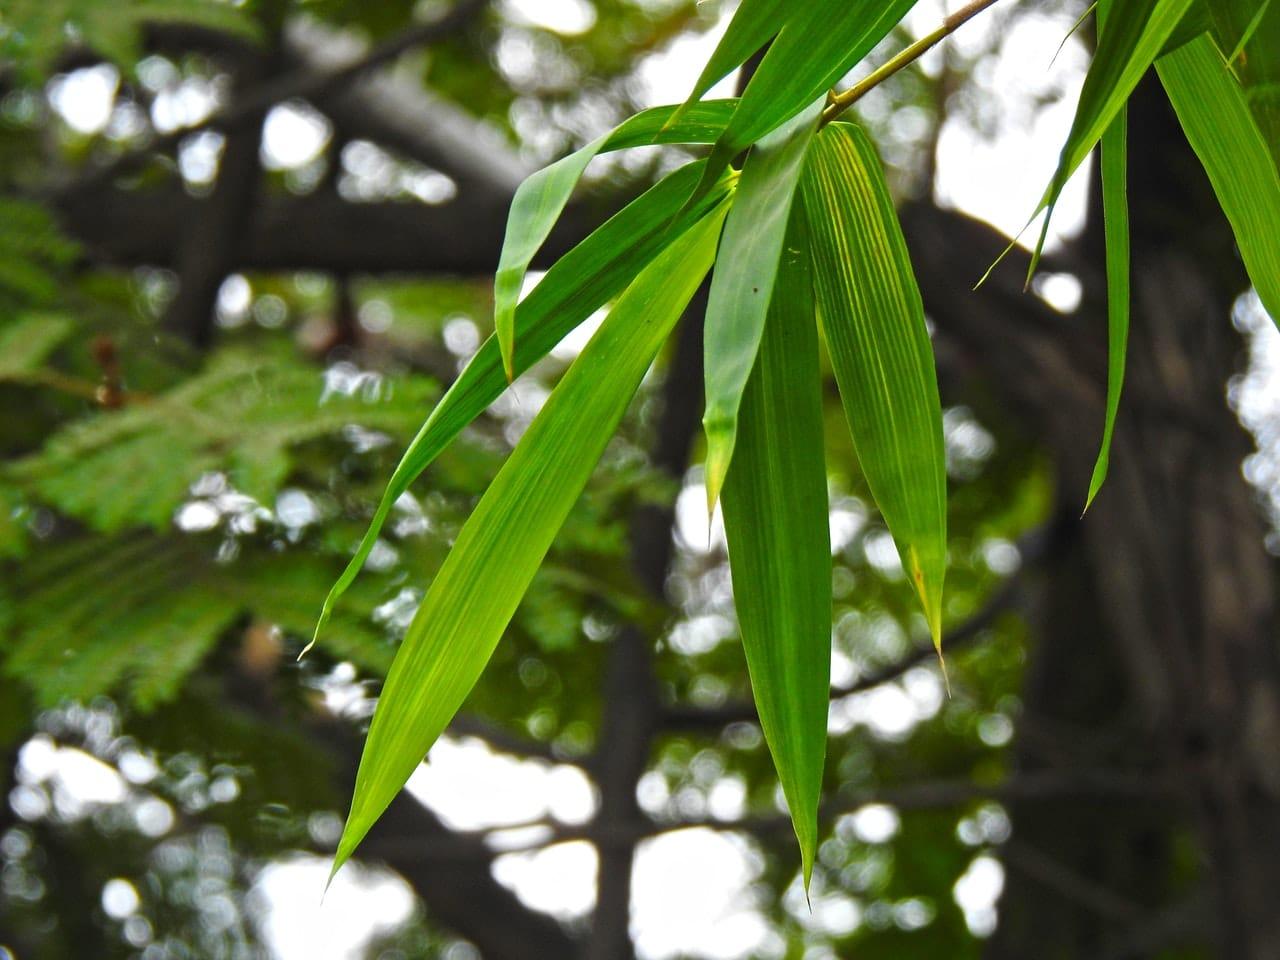 El bambú tiene hojas largas y verdes